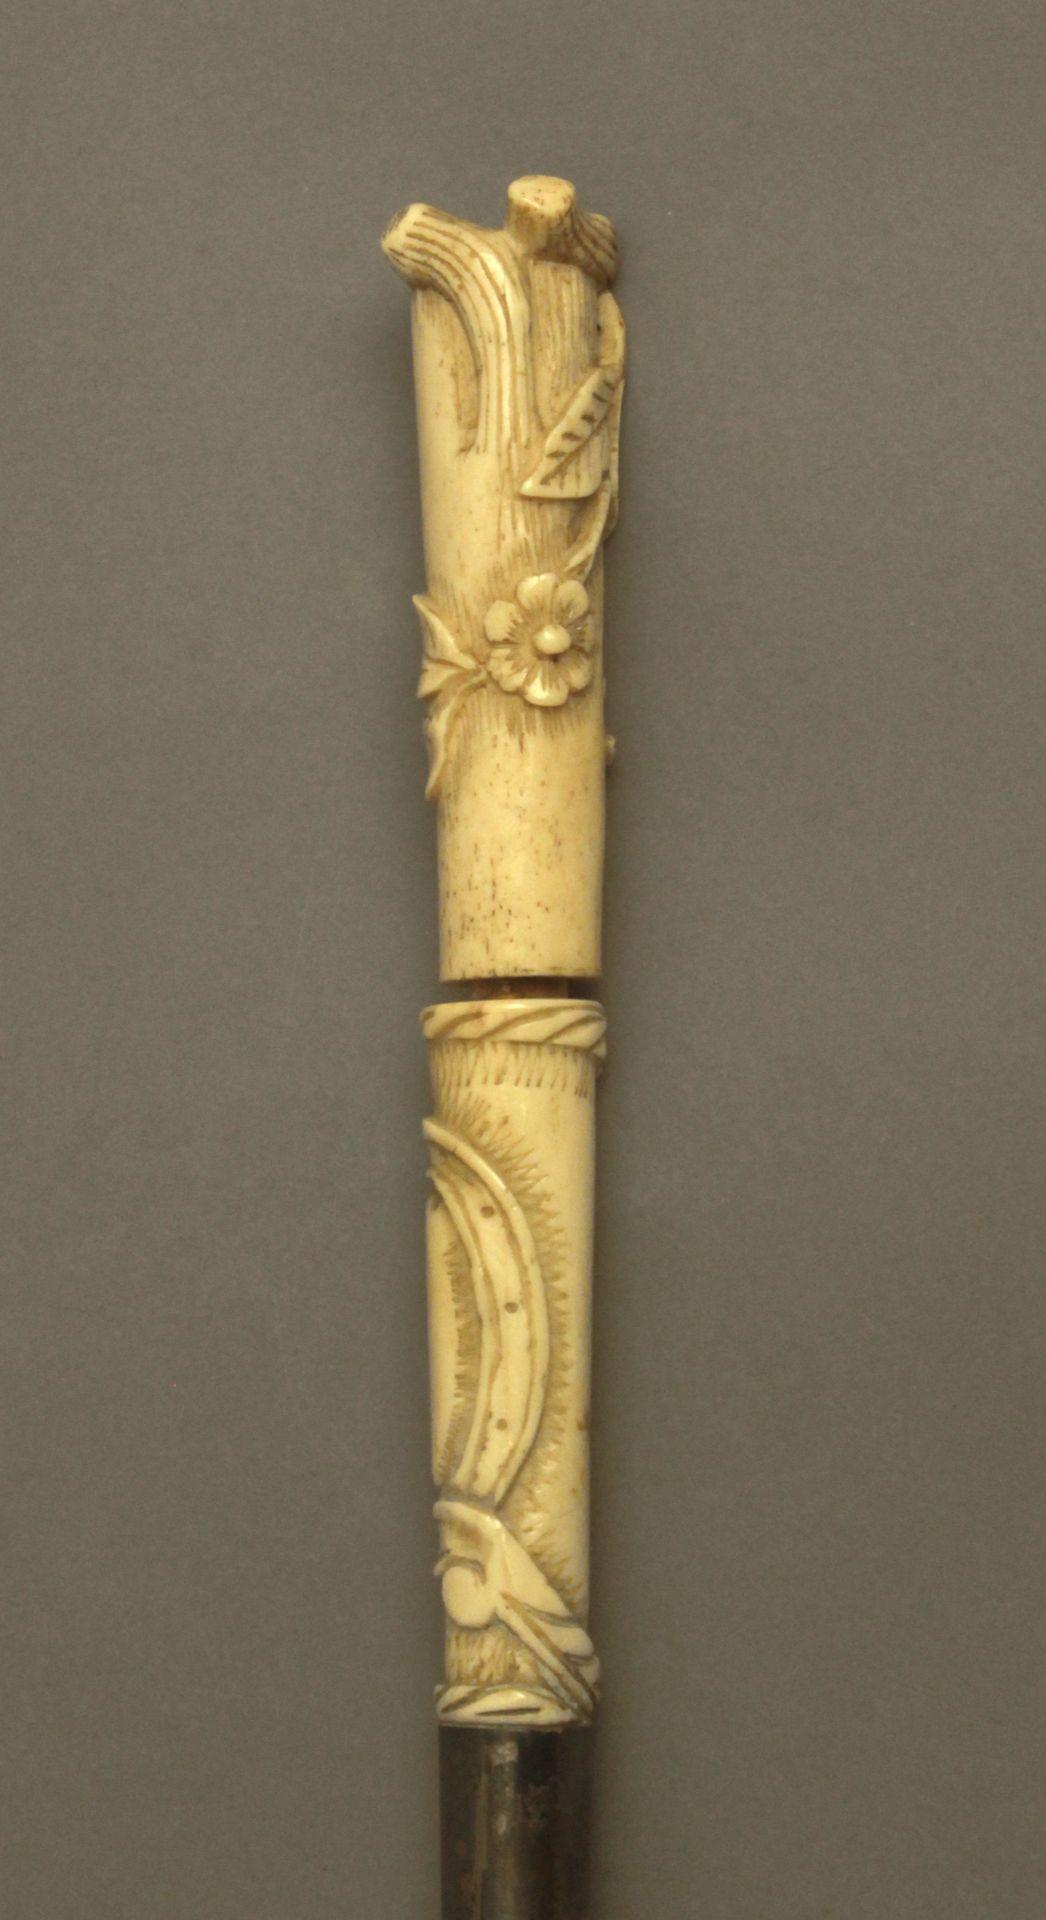 A 19th century walking stick - Bild 4 aus 7